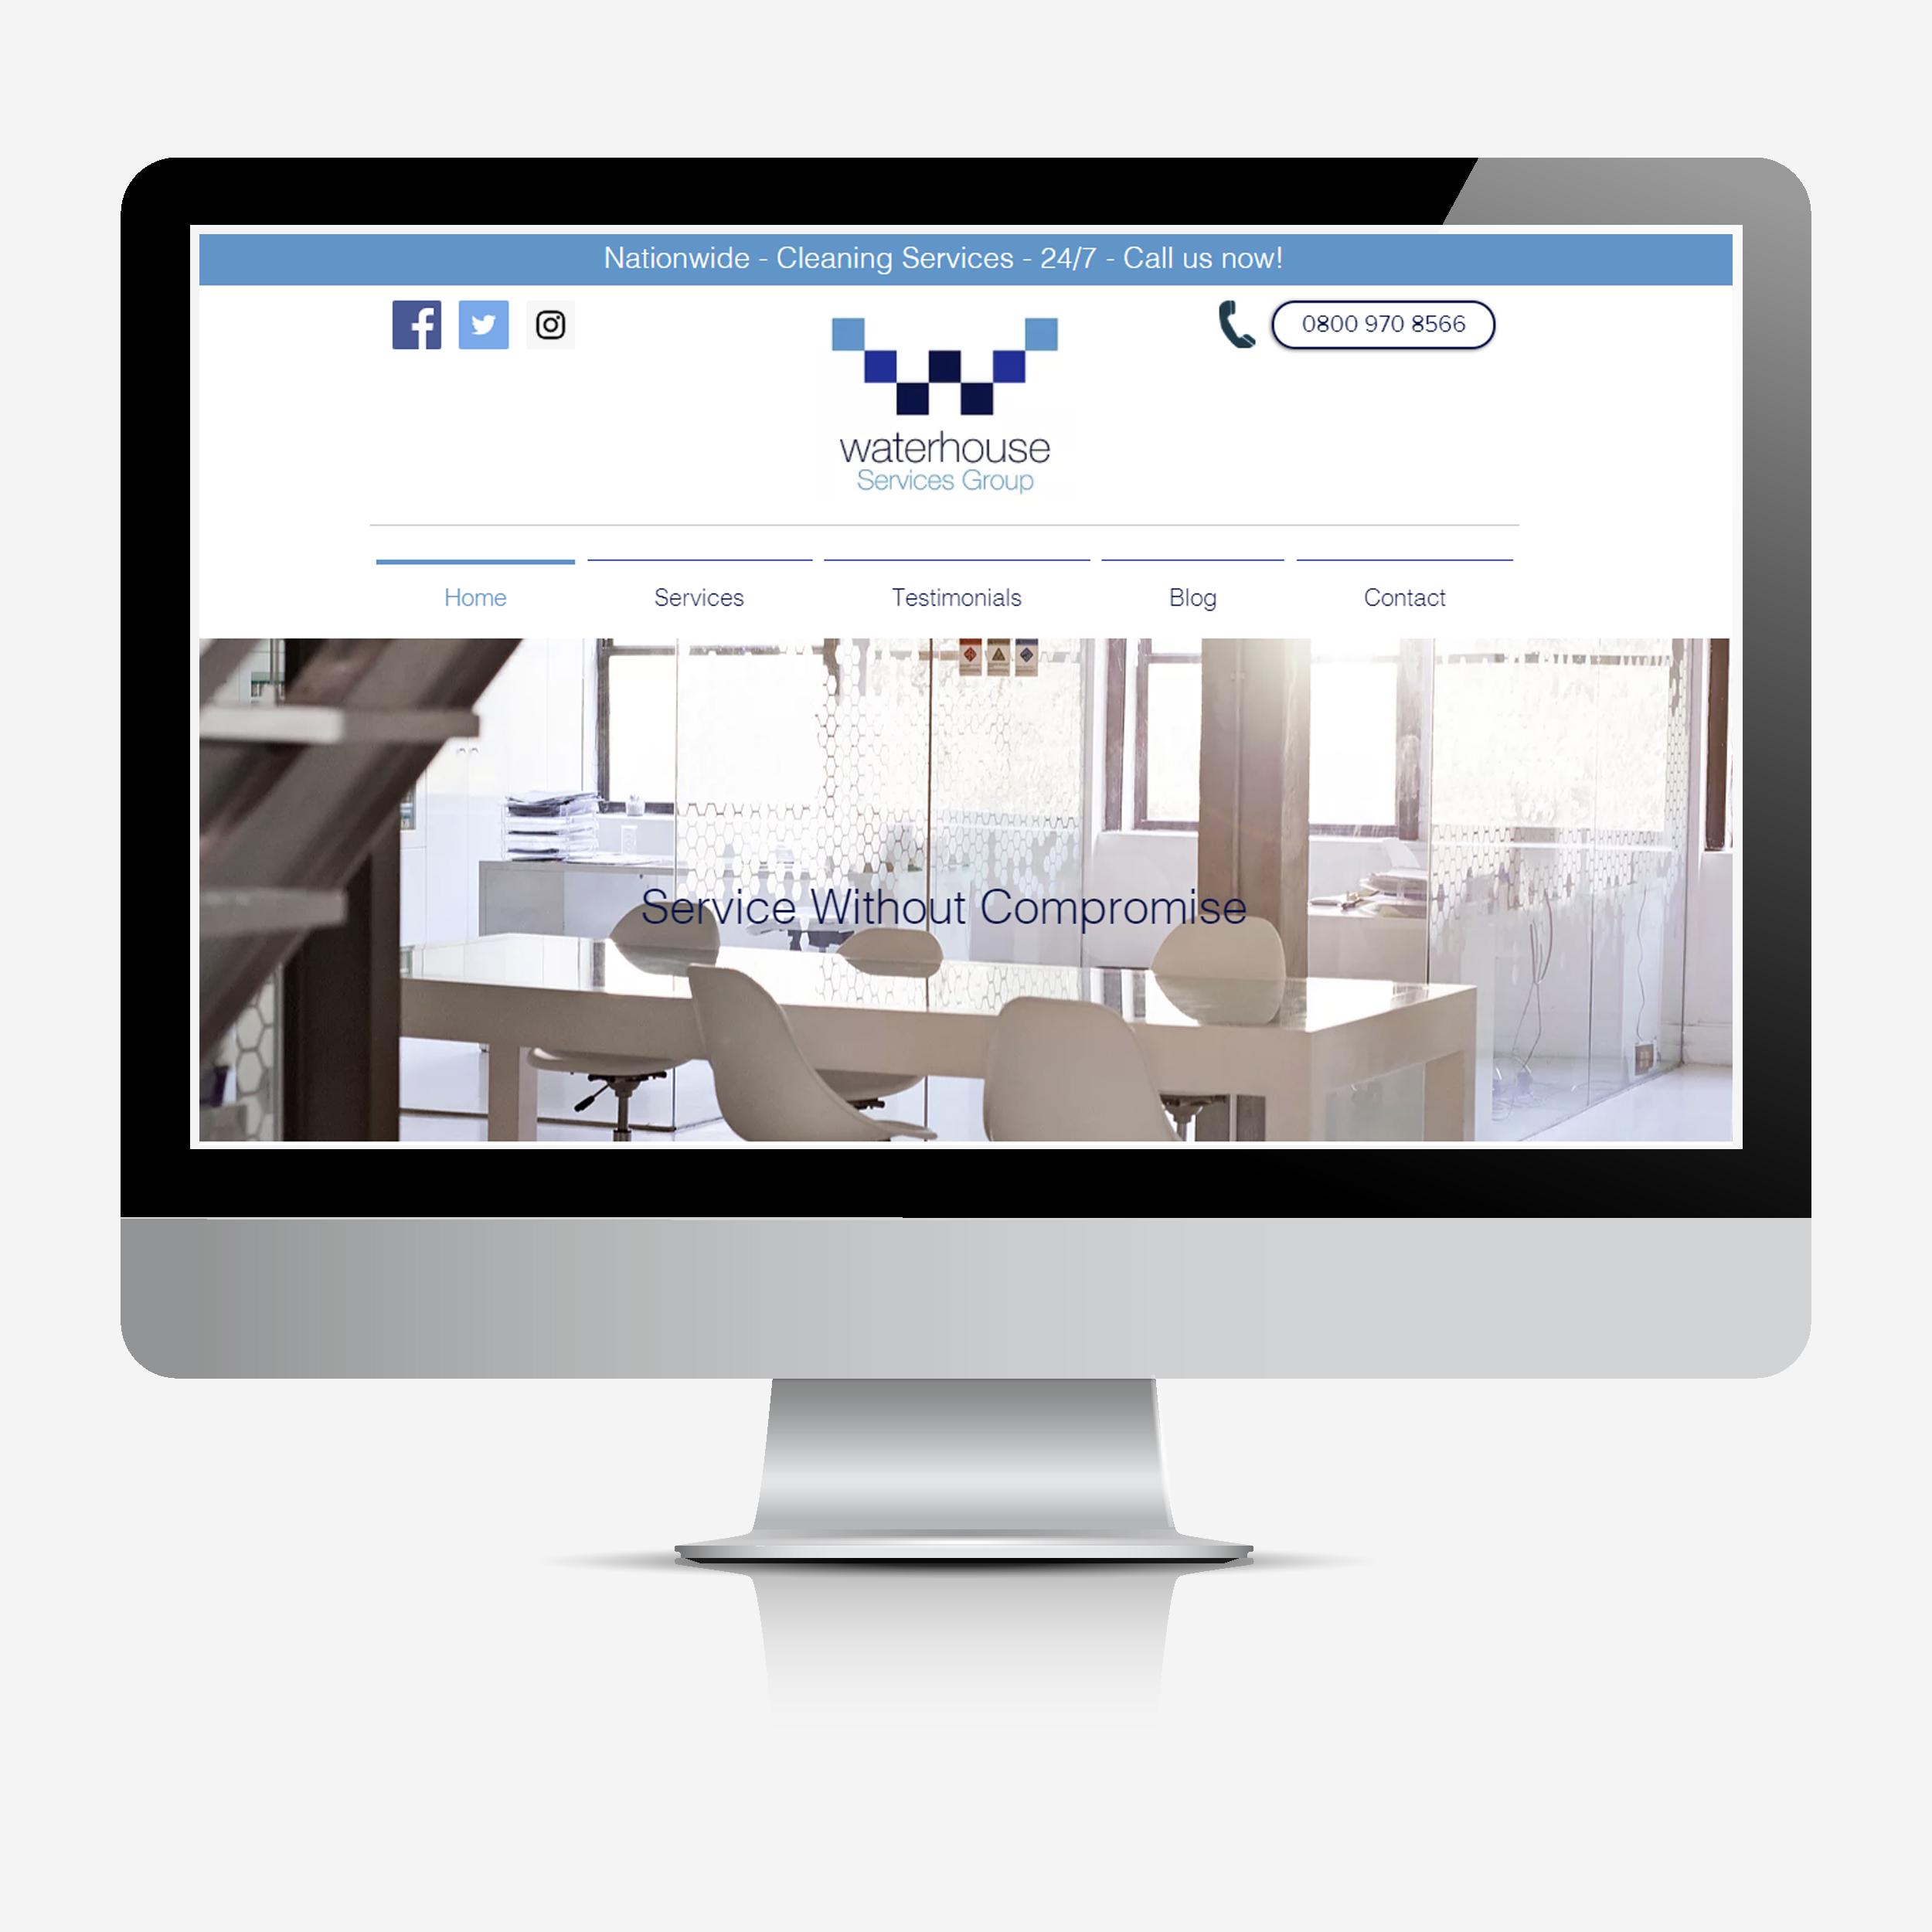 Waterhouse website mock-up